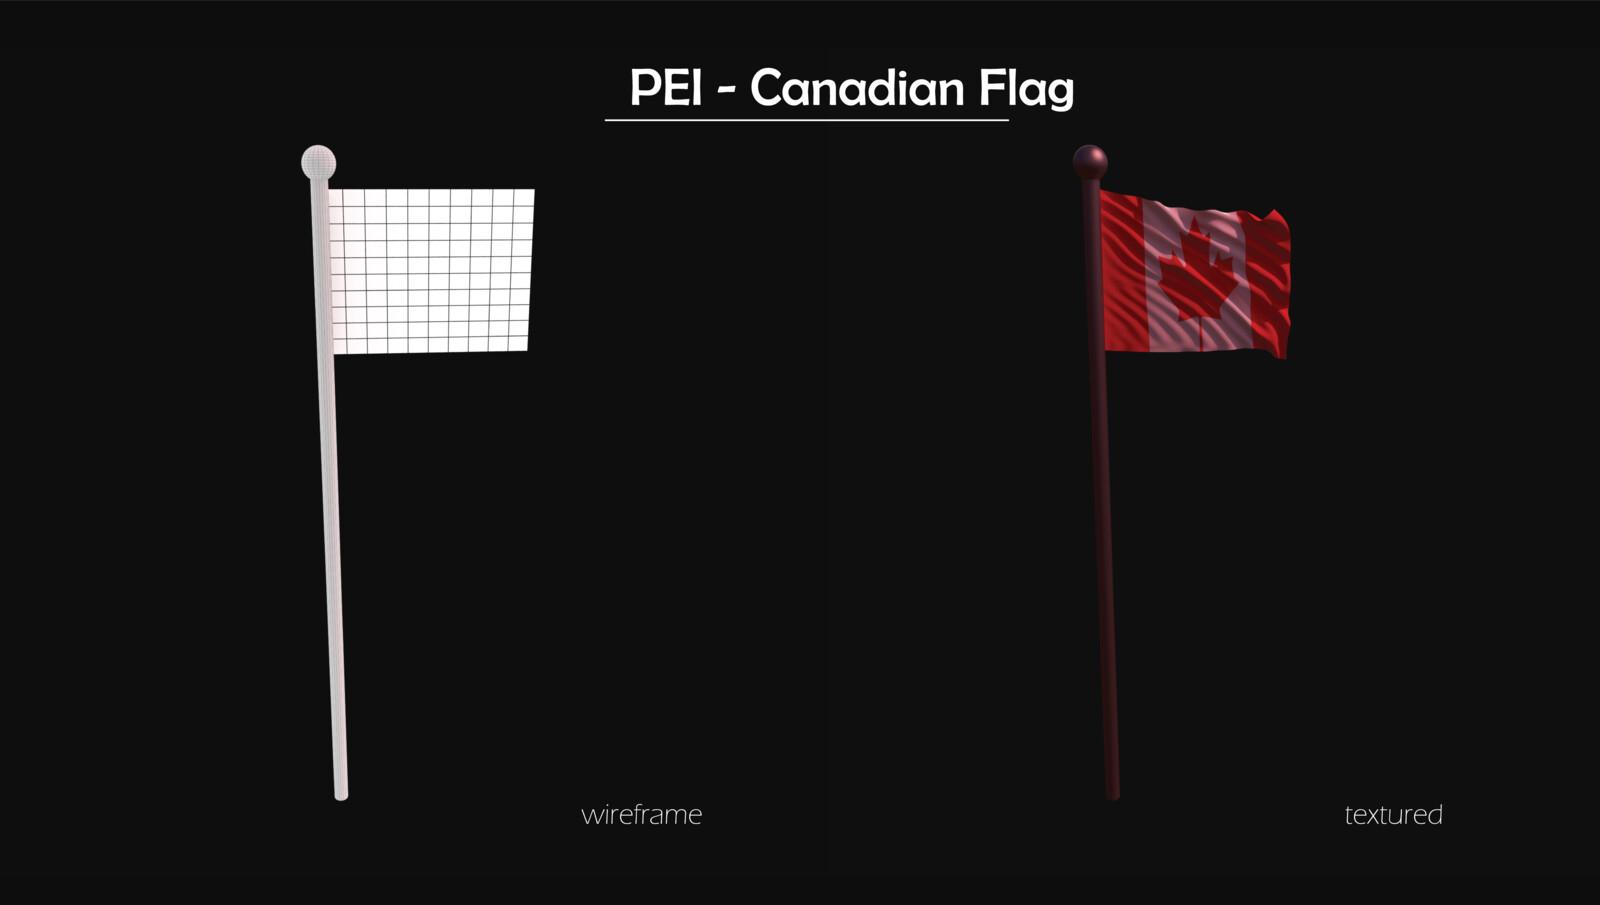 ASSET: Flagpole